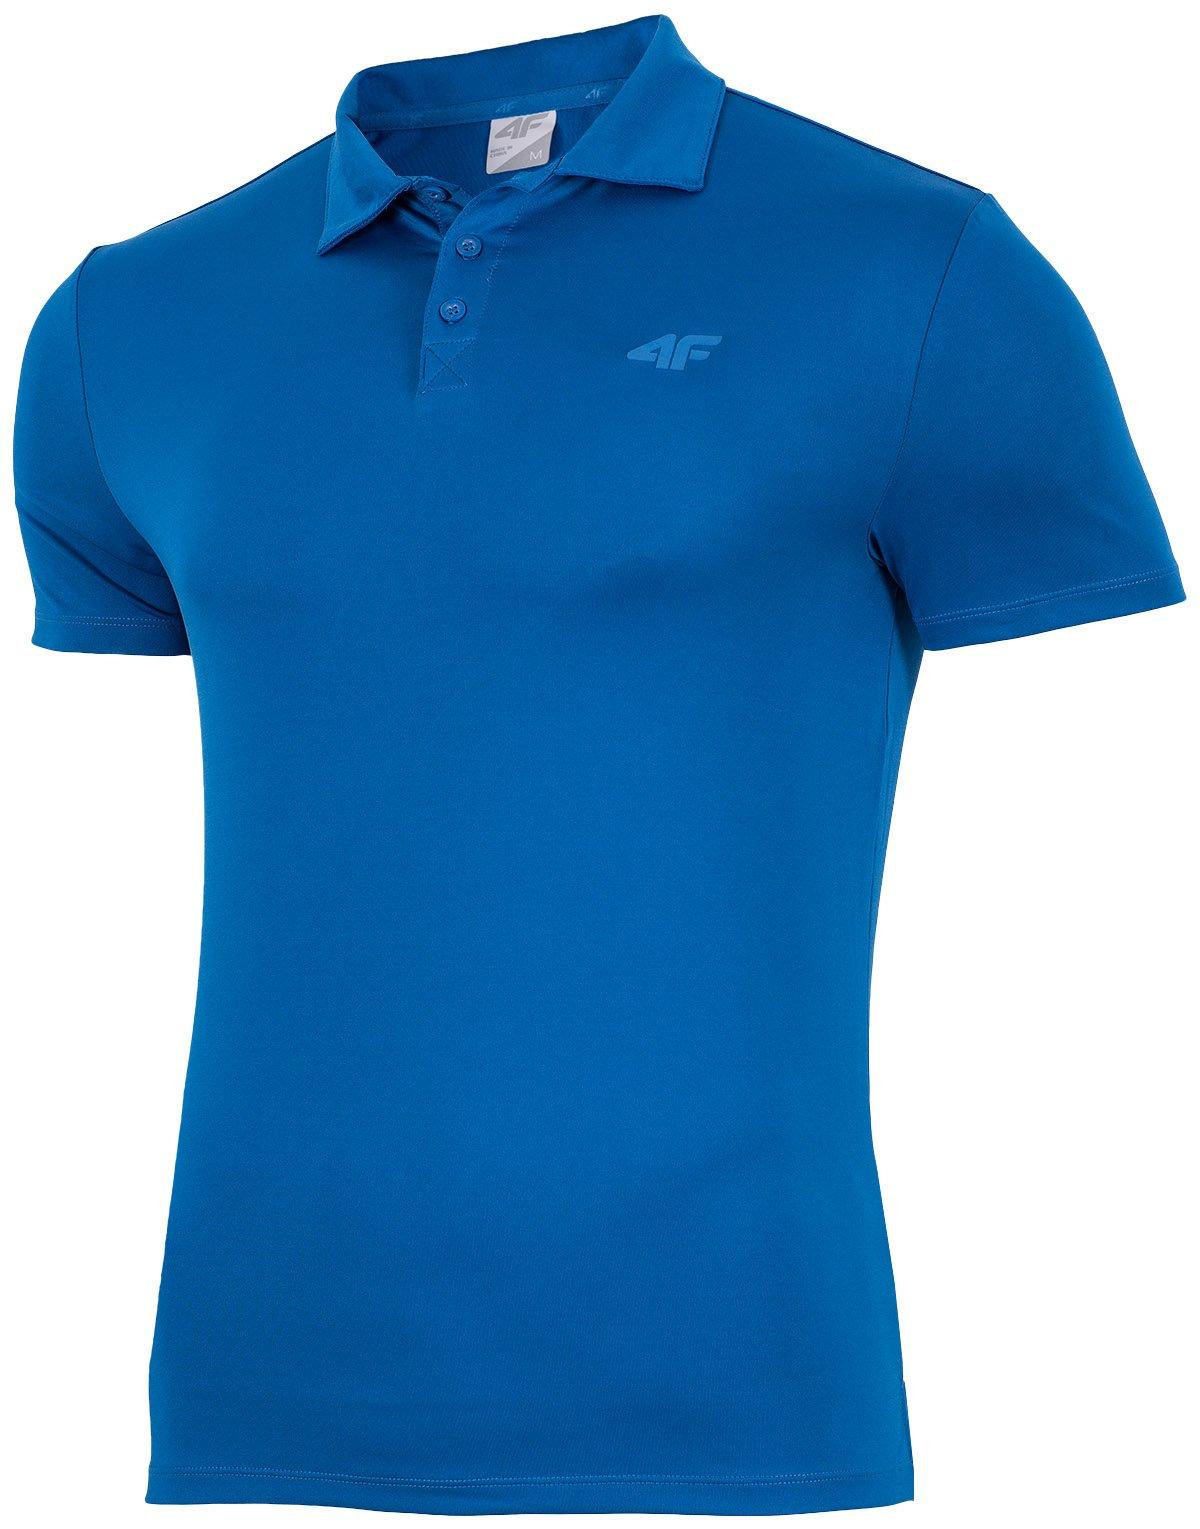 Męska koszulka t-shirt 4F L17-TSMF004 niebieski S